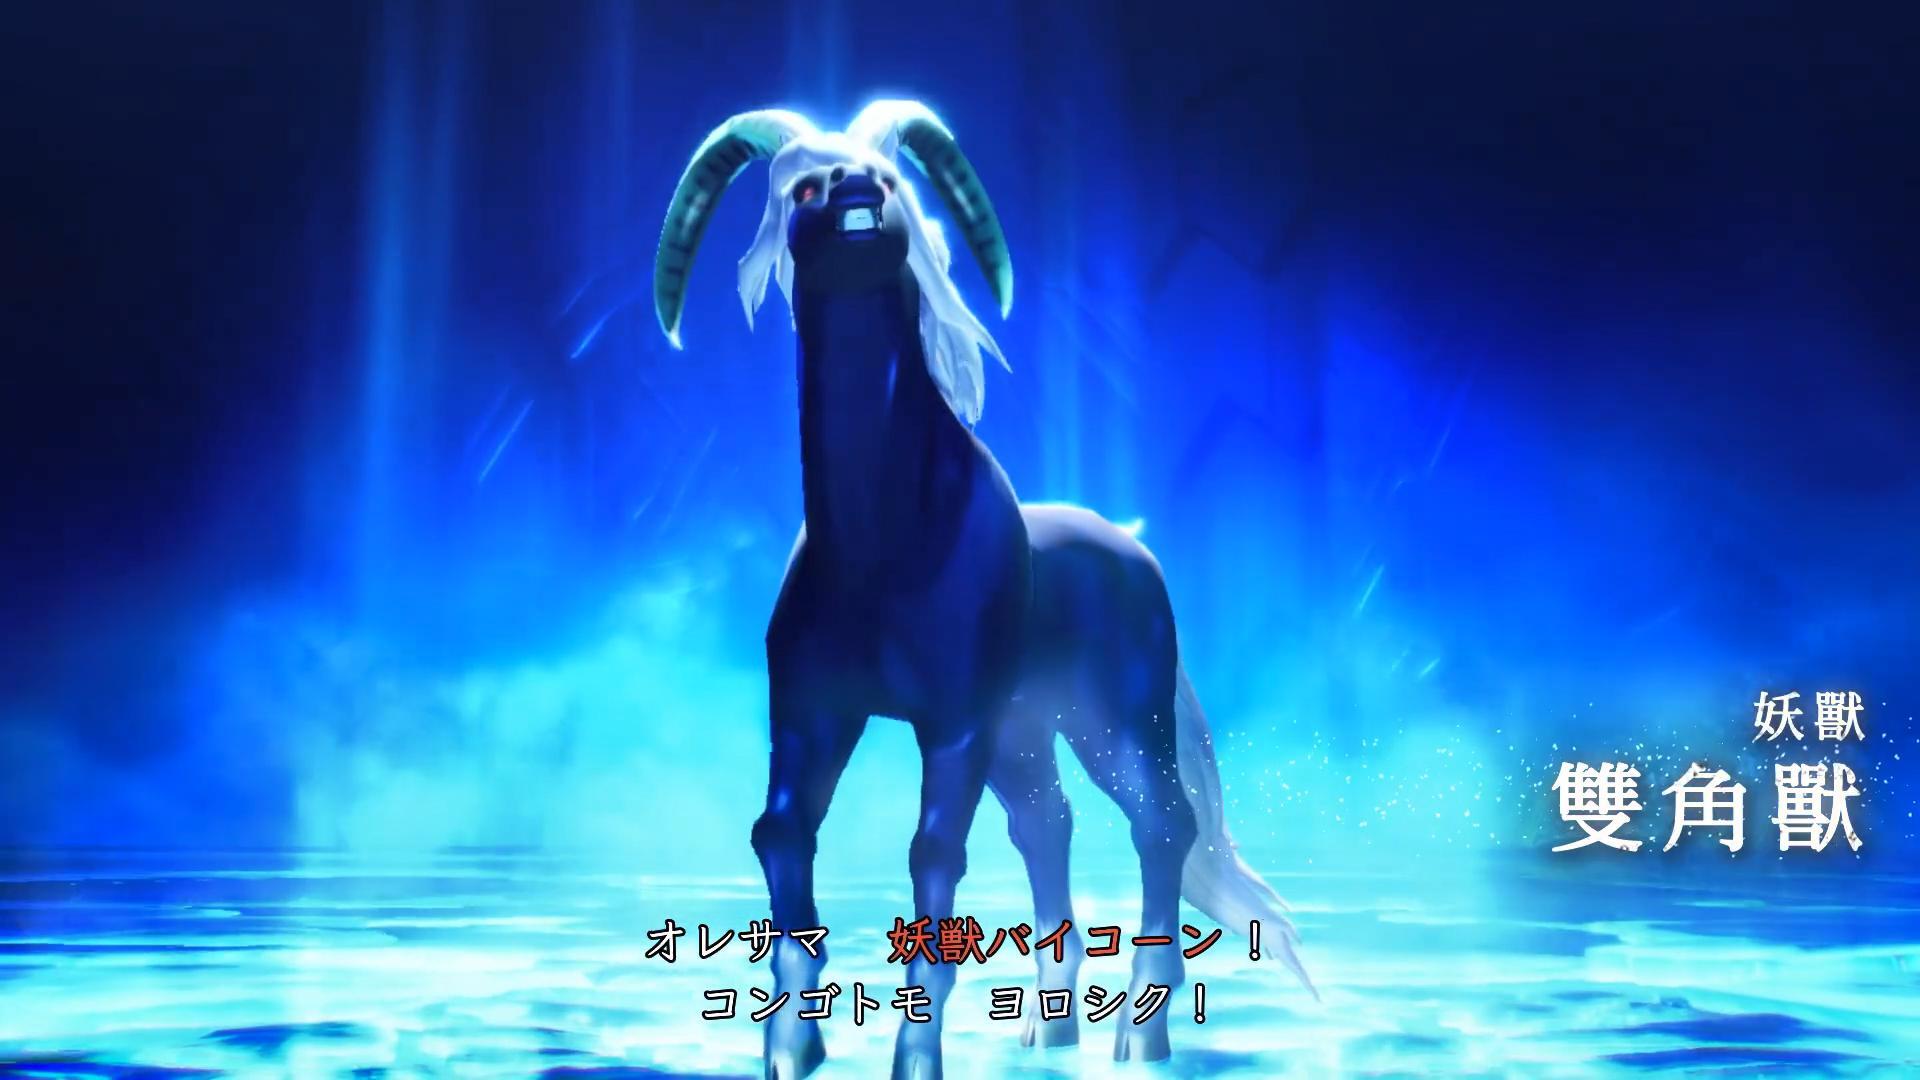 《真女神转生5》恶魔介绍:邪恶马匹双角兽